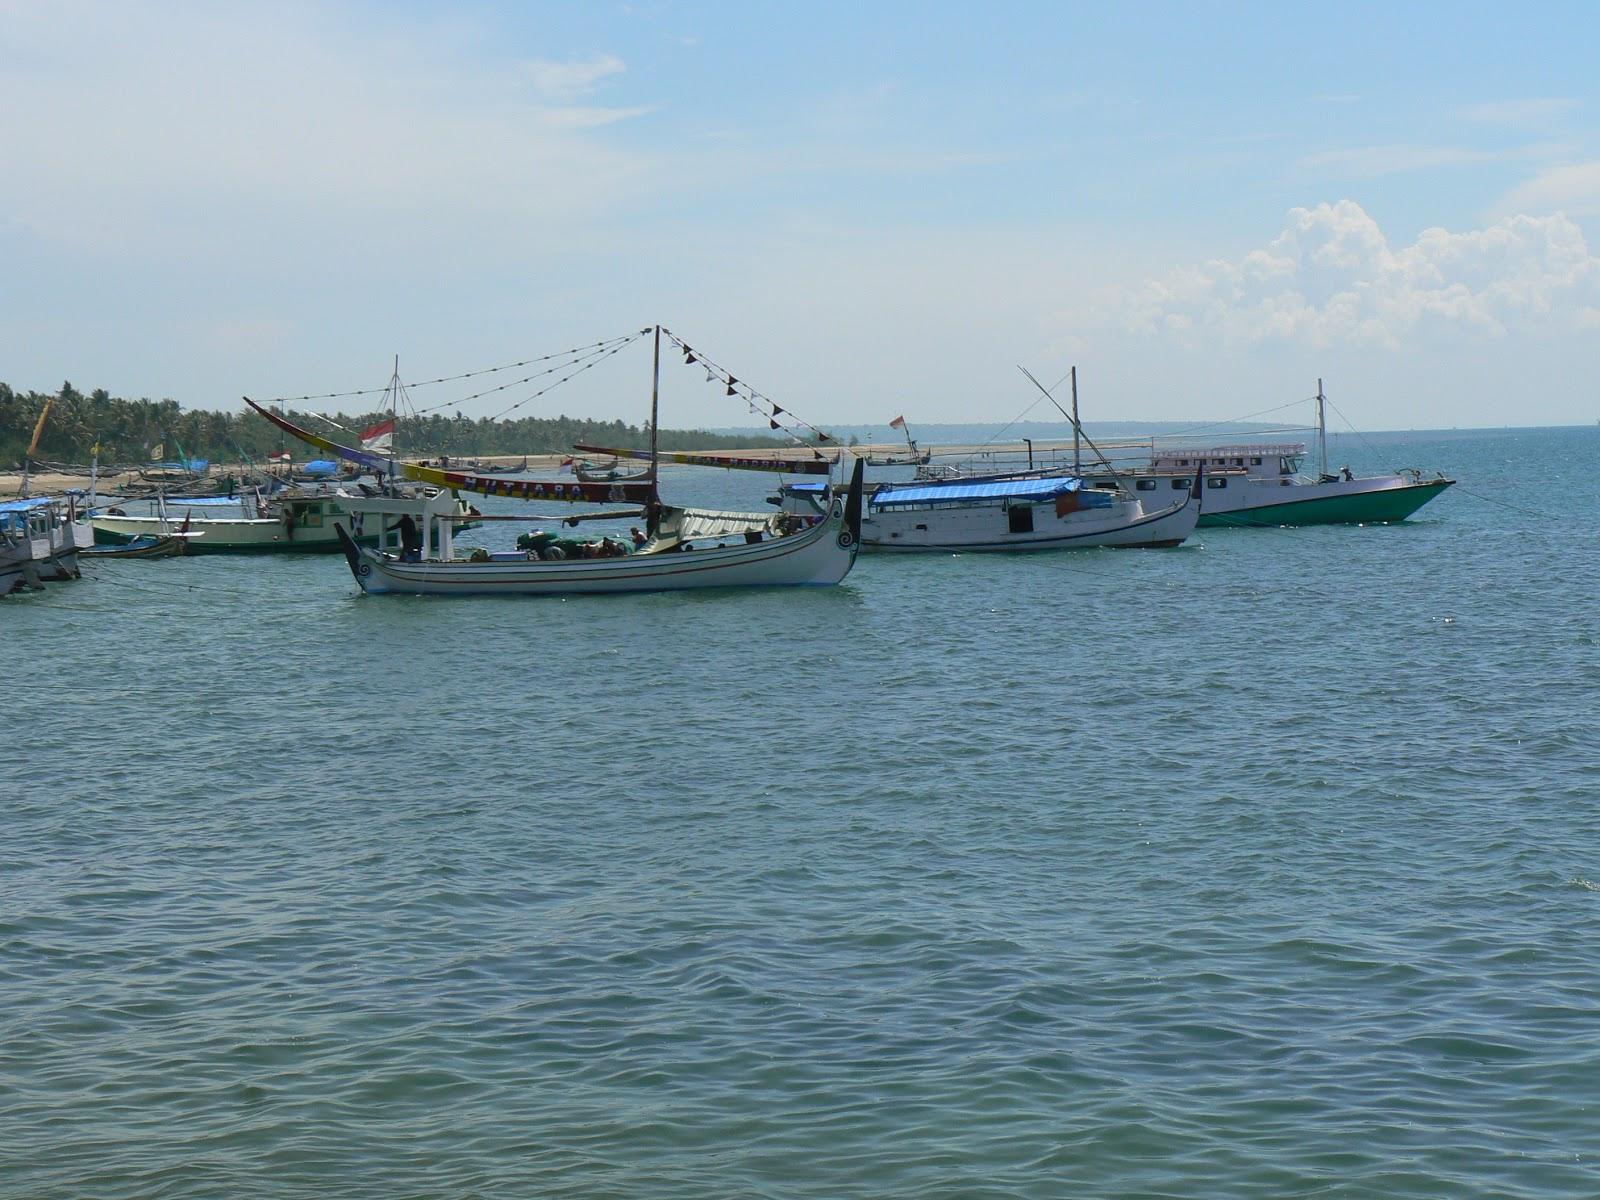 Ronny Blog Perjalanan Pulau Sapudi Sumenep Madura Asta Panaongan Kab